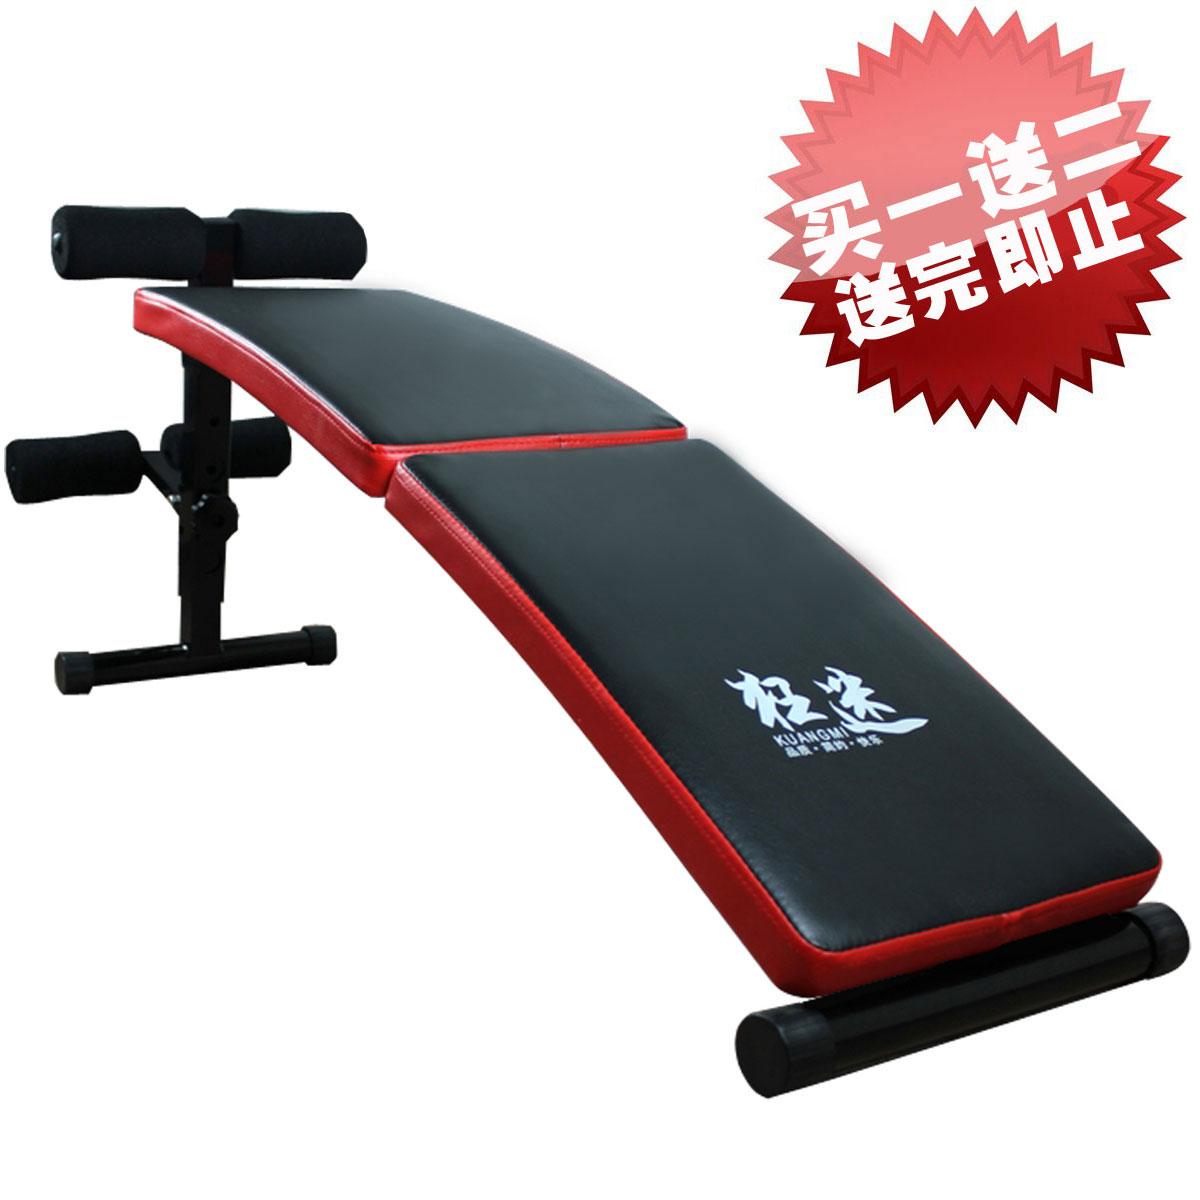 狂迷 仰卧起坐板收腹机腹肌板 可折叠式仰卧板家用健身器材健腹板